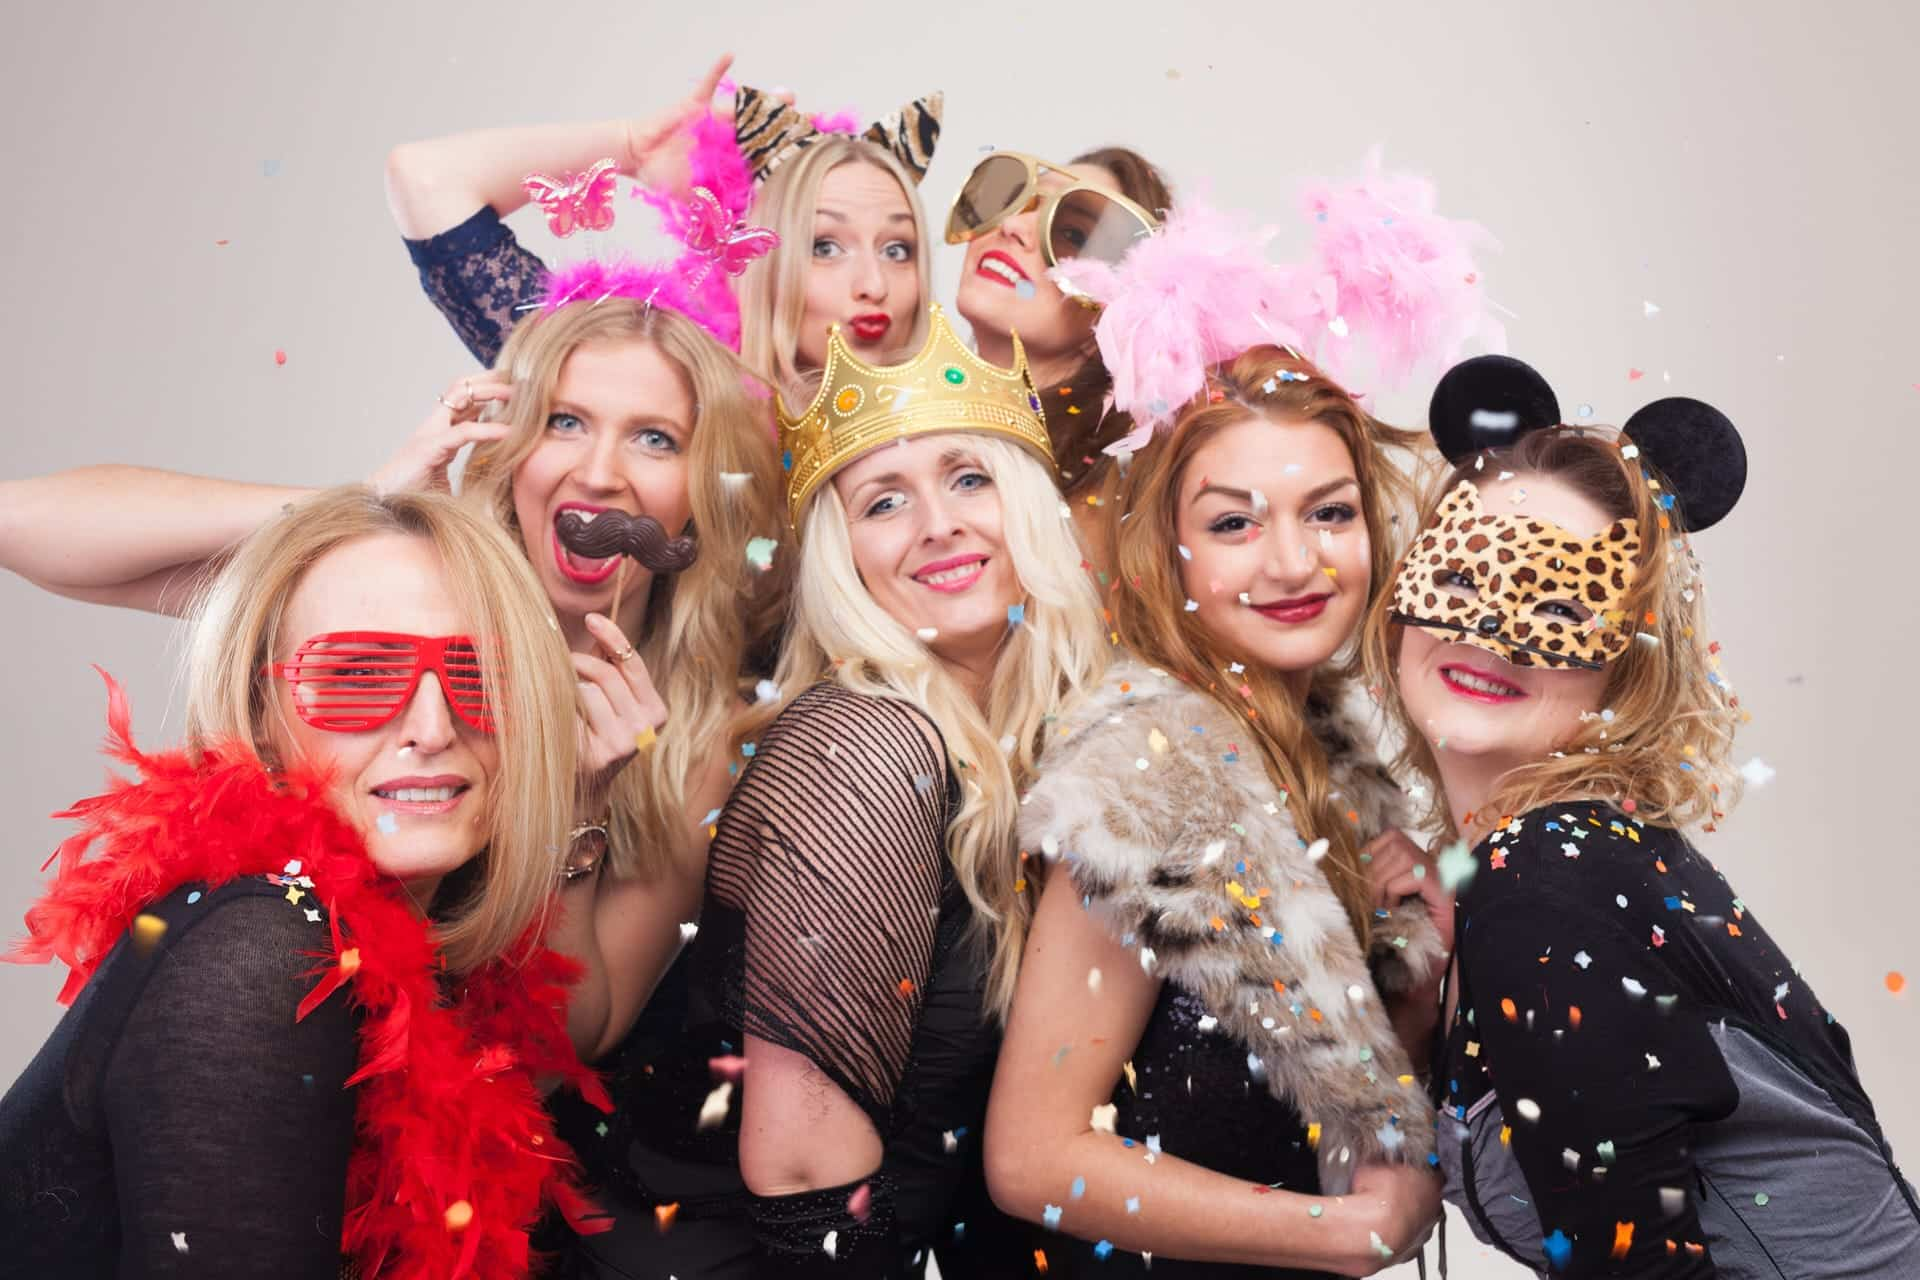 fotobox-mieten-betriebs-weihnachtfeier